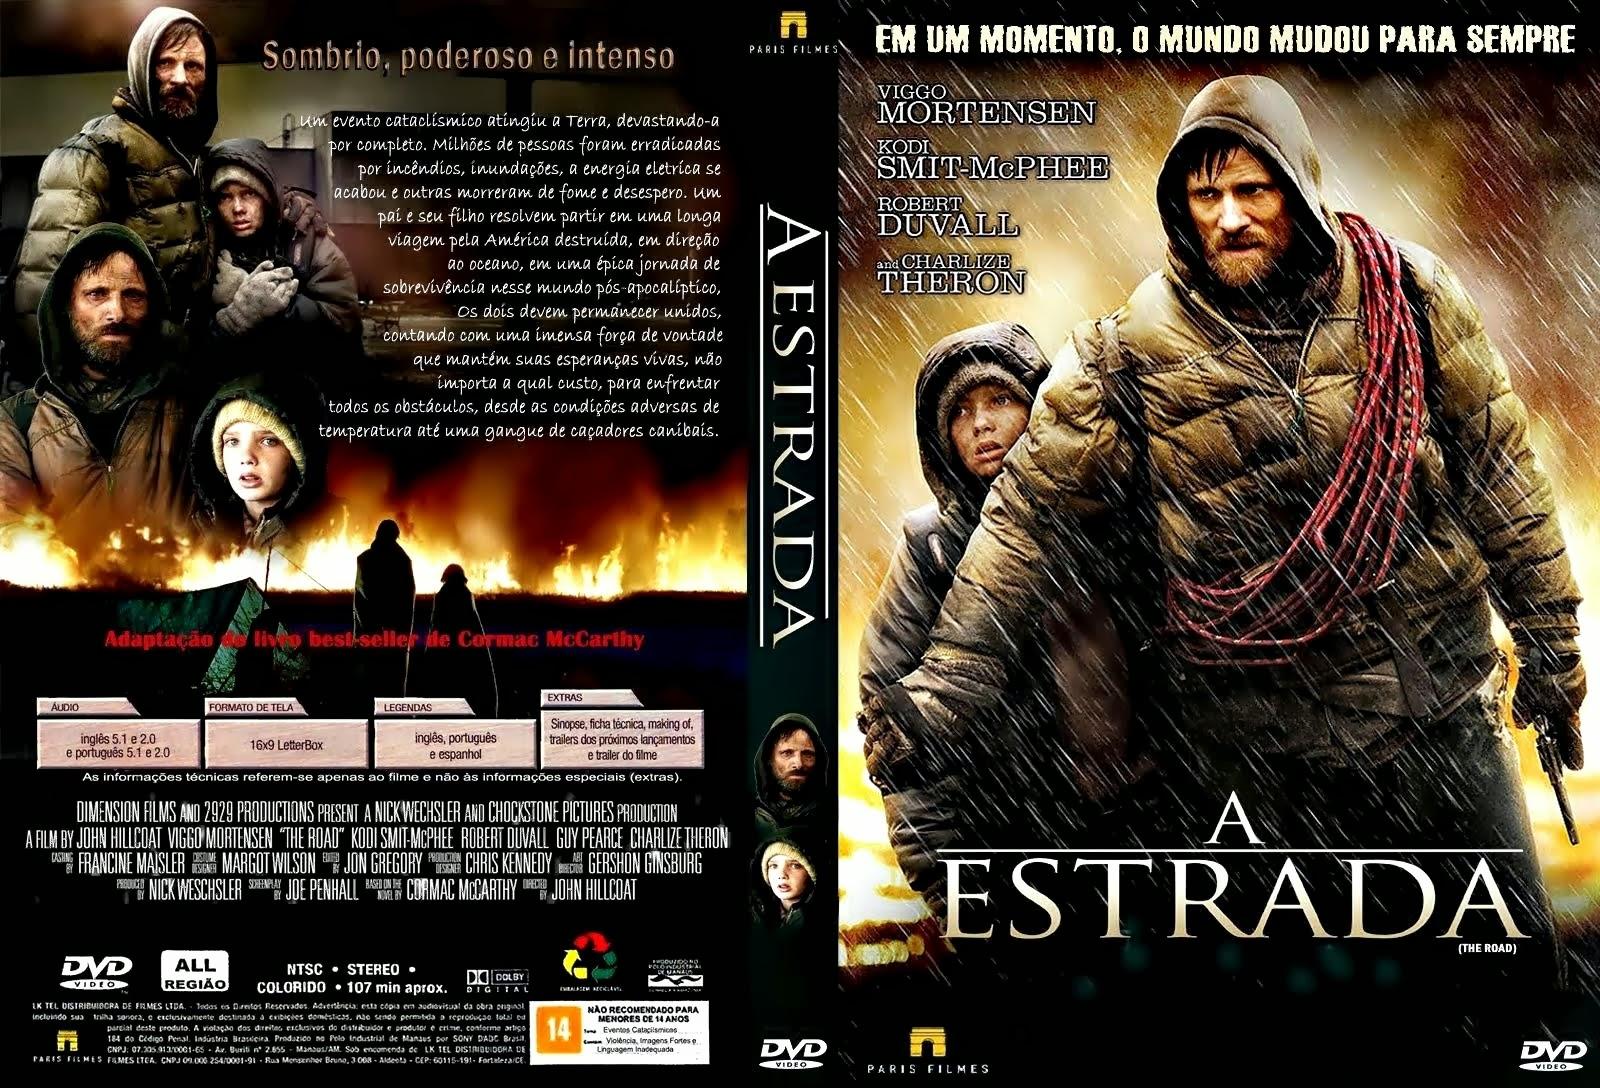 A Estrada DVD Capa